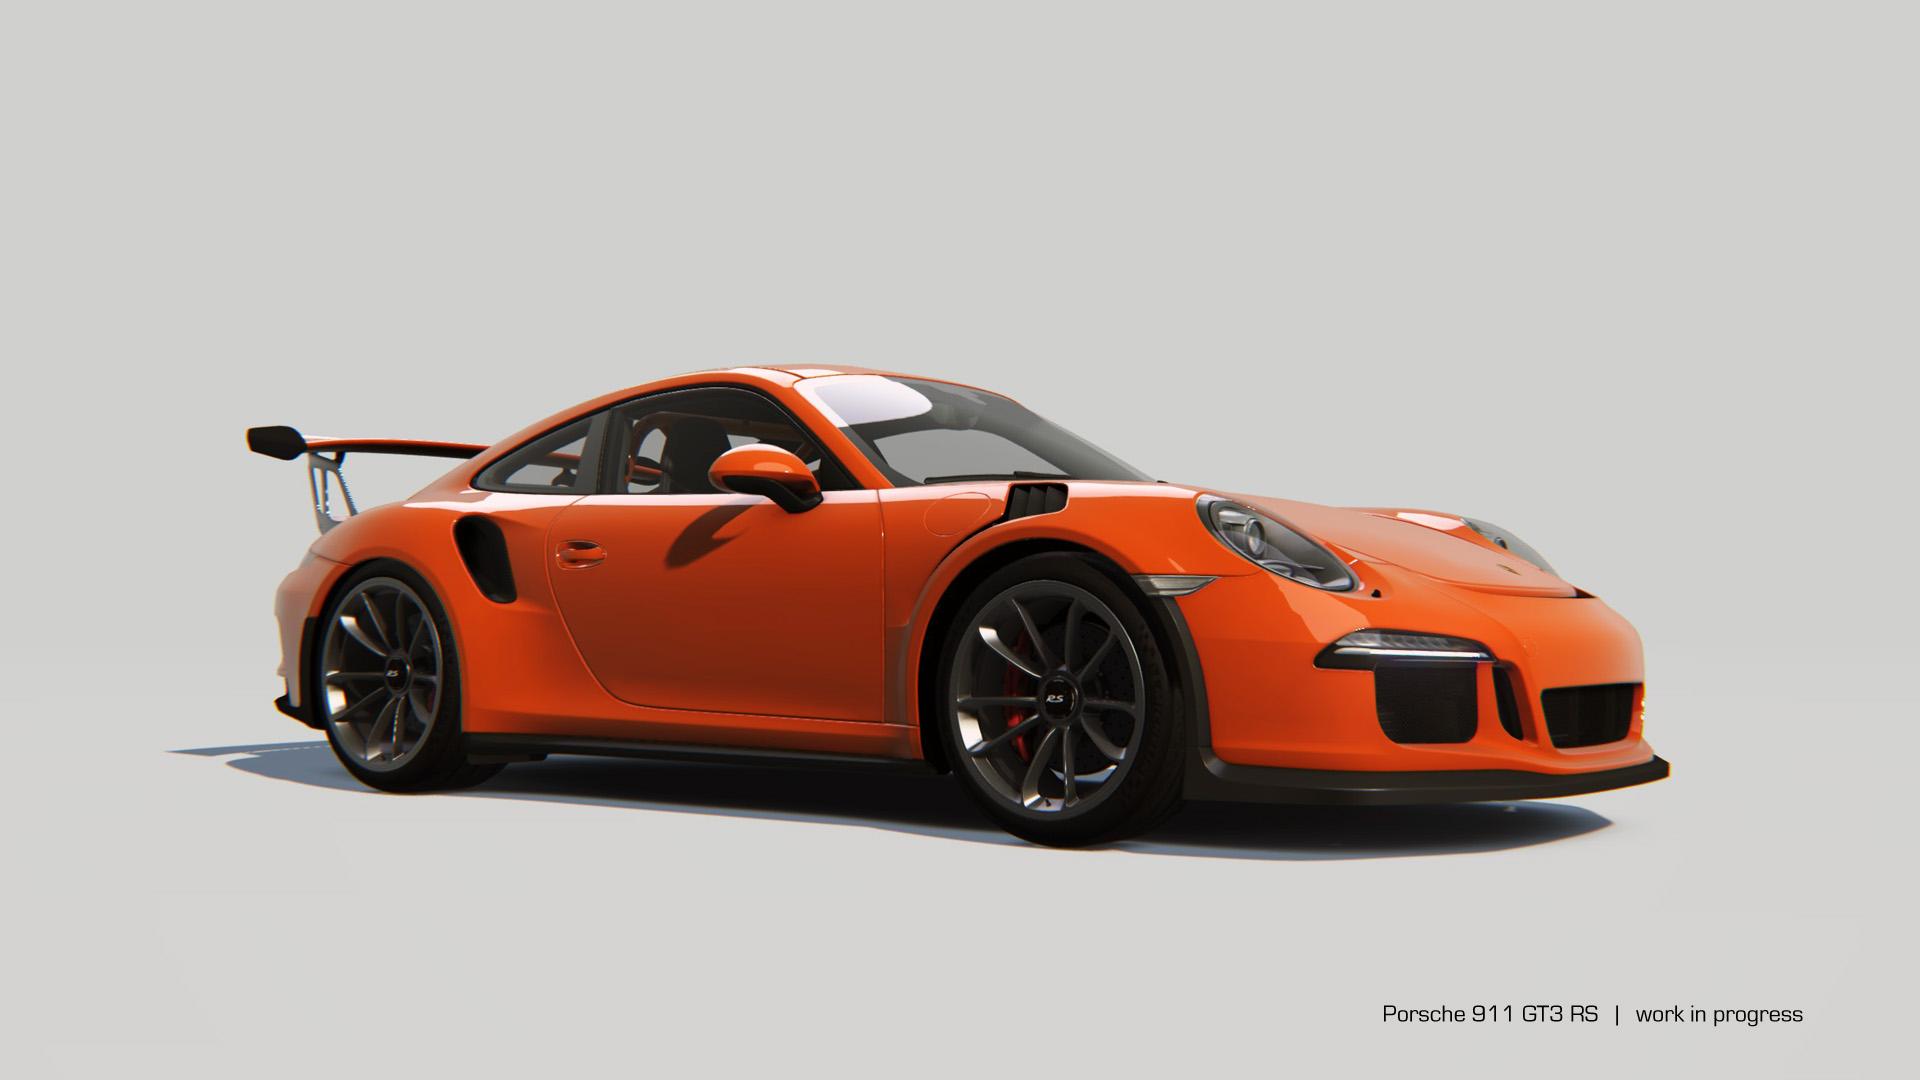 Tři DLC přidají vozy Porsche do Assetto Corsa 132682